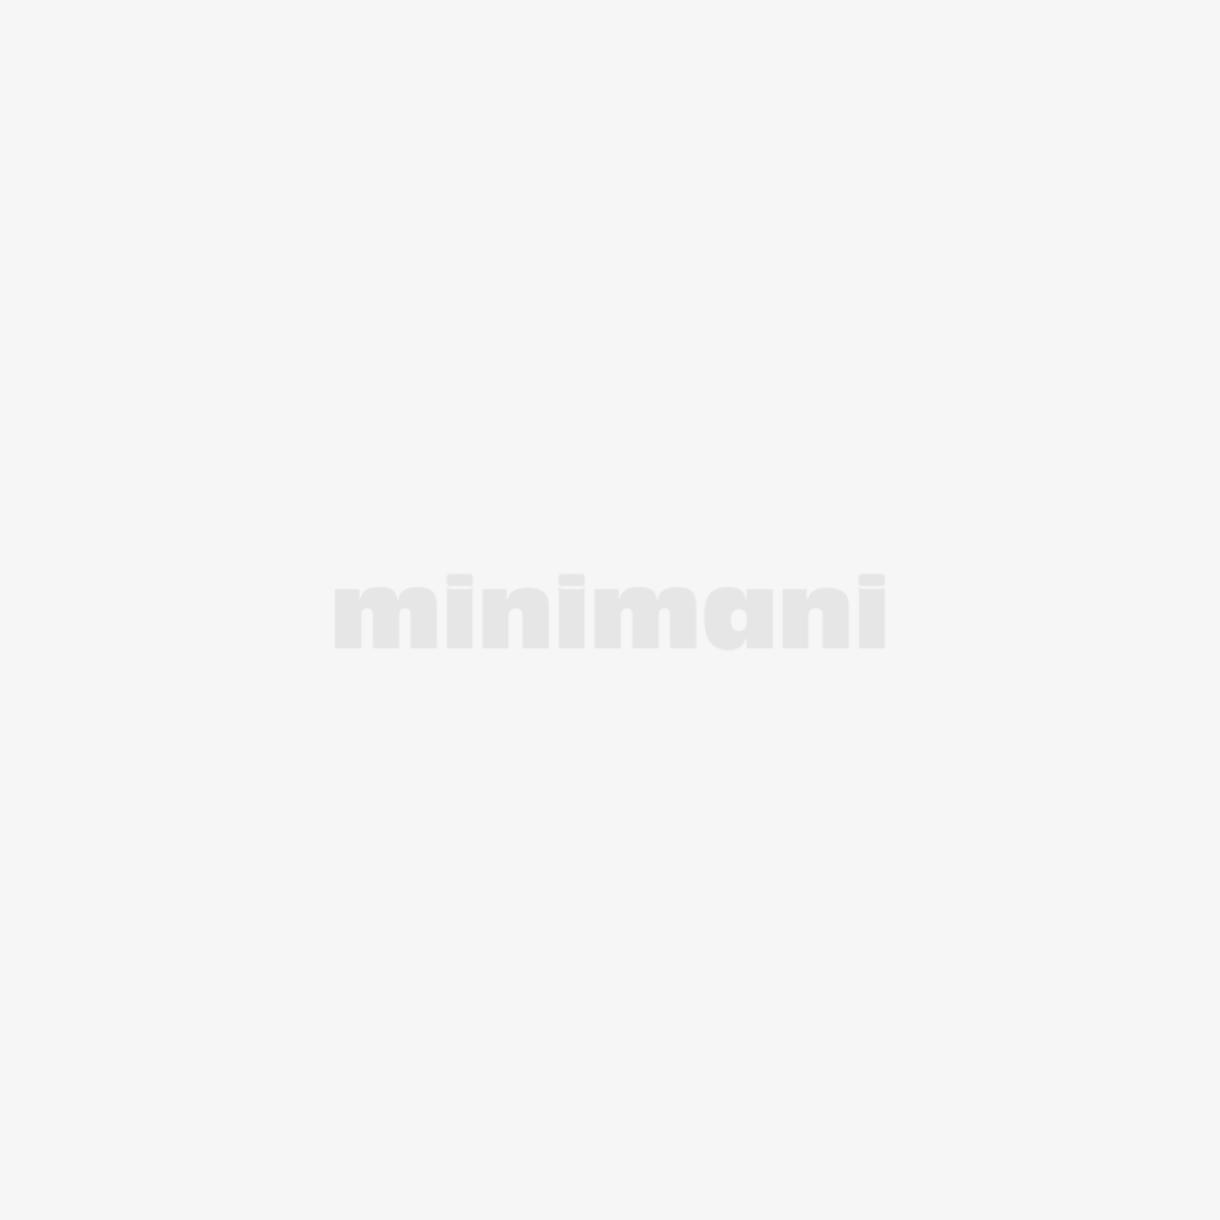 Puuvillamatto Kylä 140x200cm, musta-valkoinen